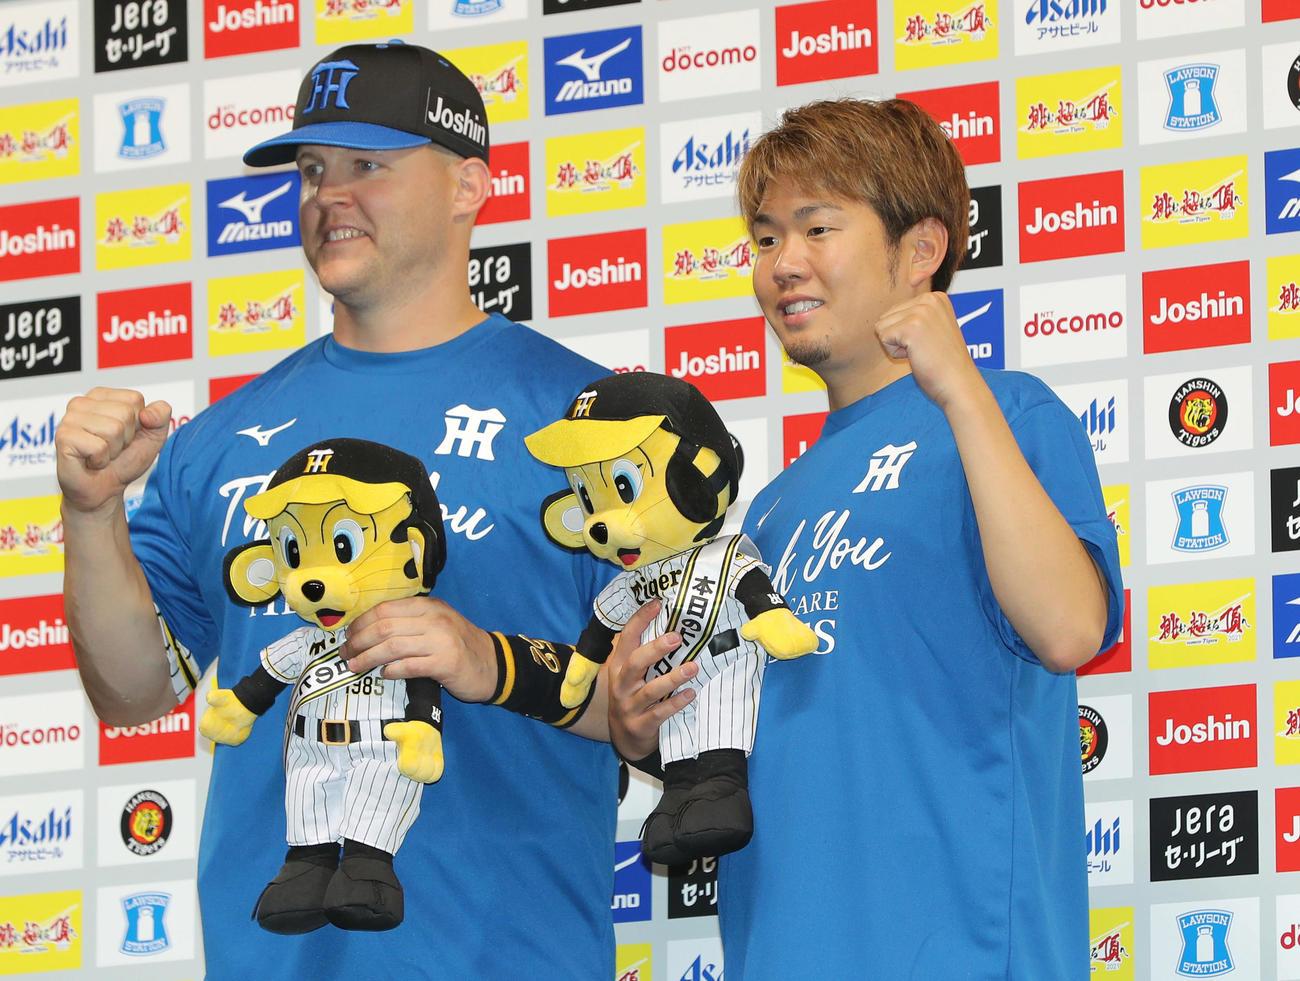 阪神対巨人 ヒーローインタビューを終え笑顔でガッツポーズする阪神サンズ(左)と西勇(撮影・前田充)